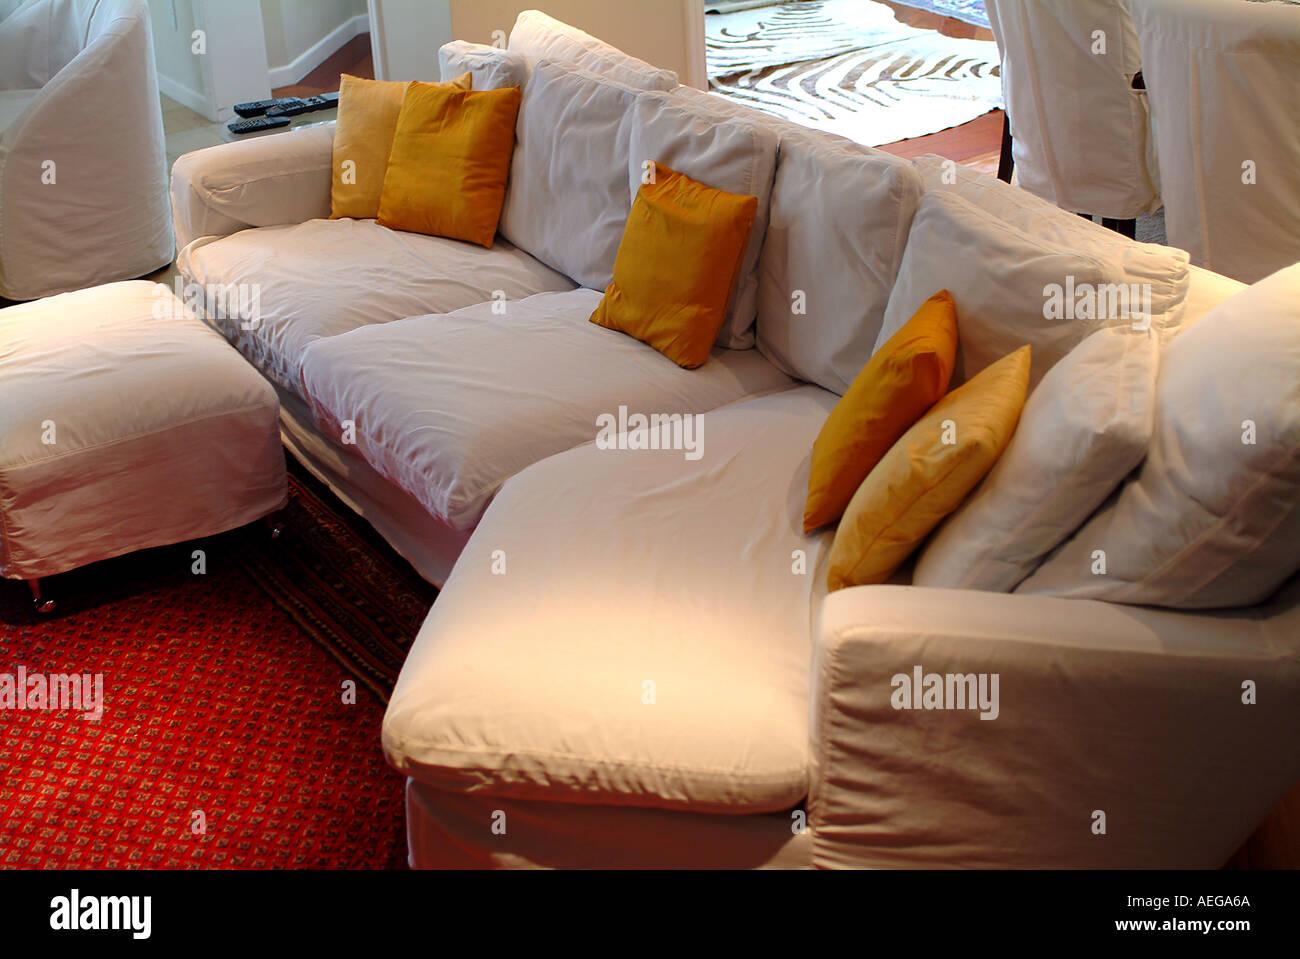 Sweet Home Innen Drinnen Wohnzimmer Sofacouch Kissen Beige Senf Ocker Teppich  Teppich Rot Gemütlich Elegante Dekoration